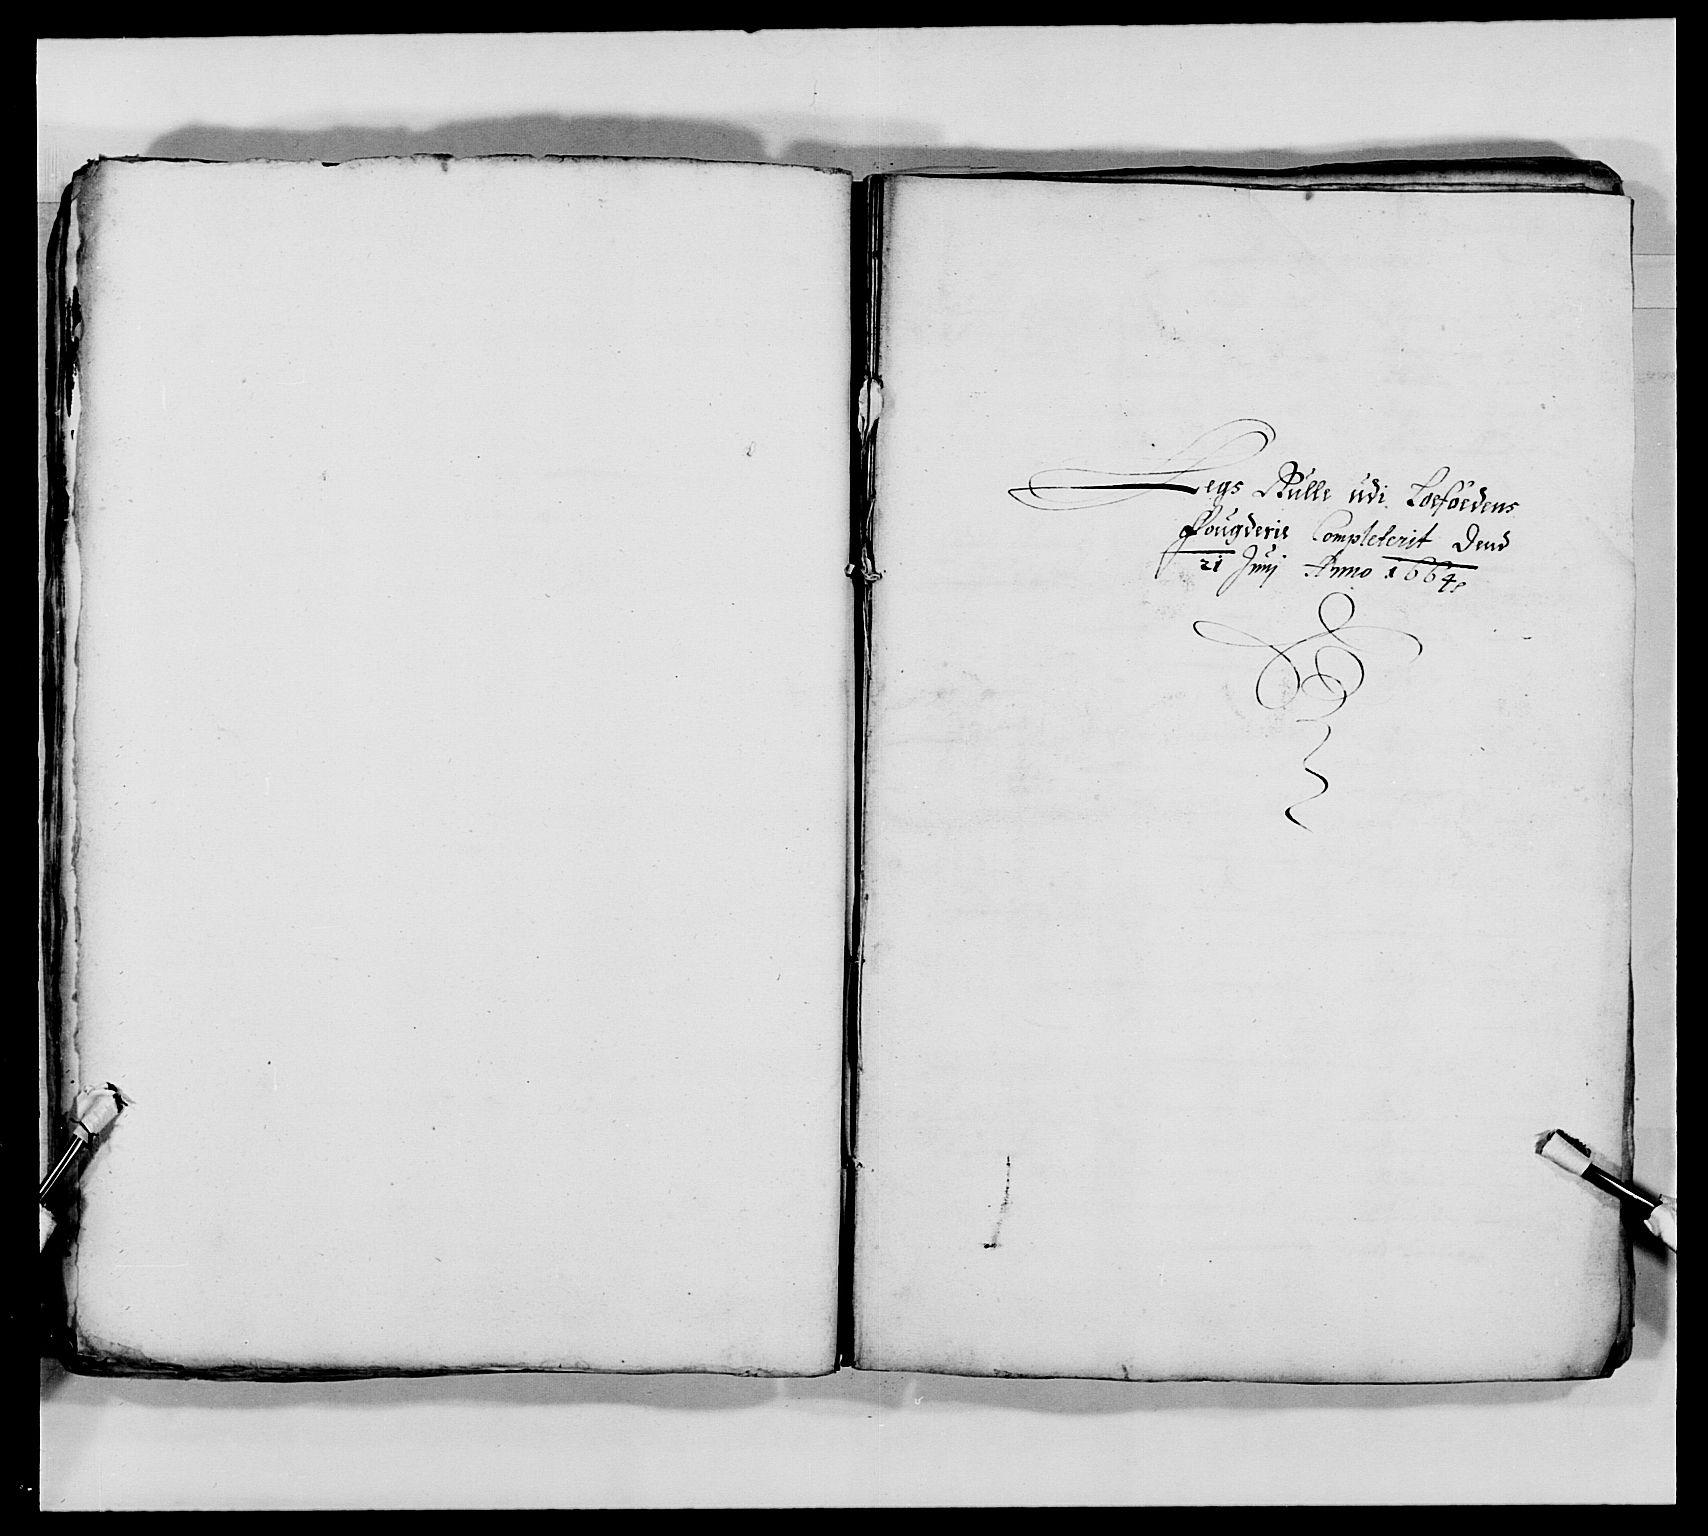 RA, Kommanderende general (KG I) med Det norske krigsdirektorium, E/Ea/L0473: Marineregimentet, 1664-1700, s. 35